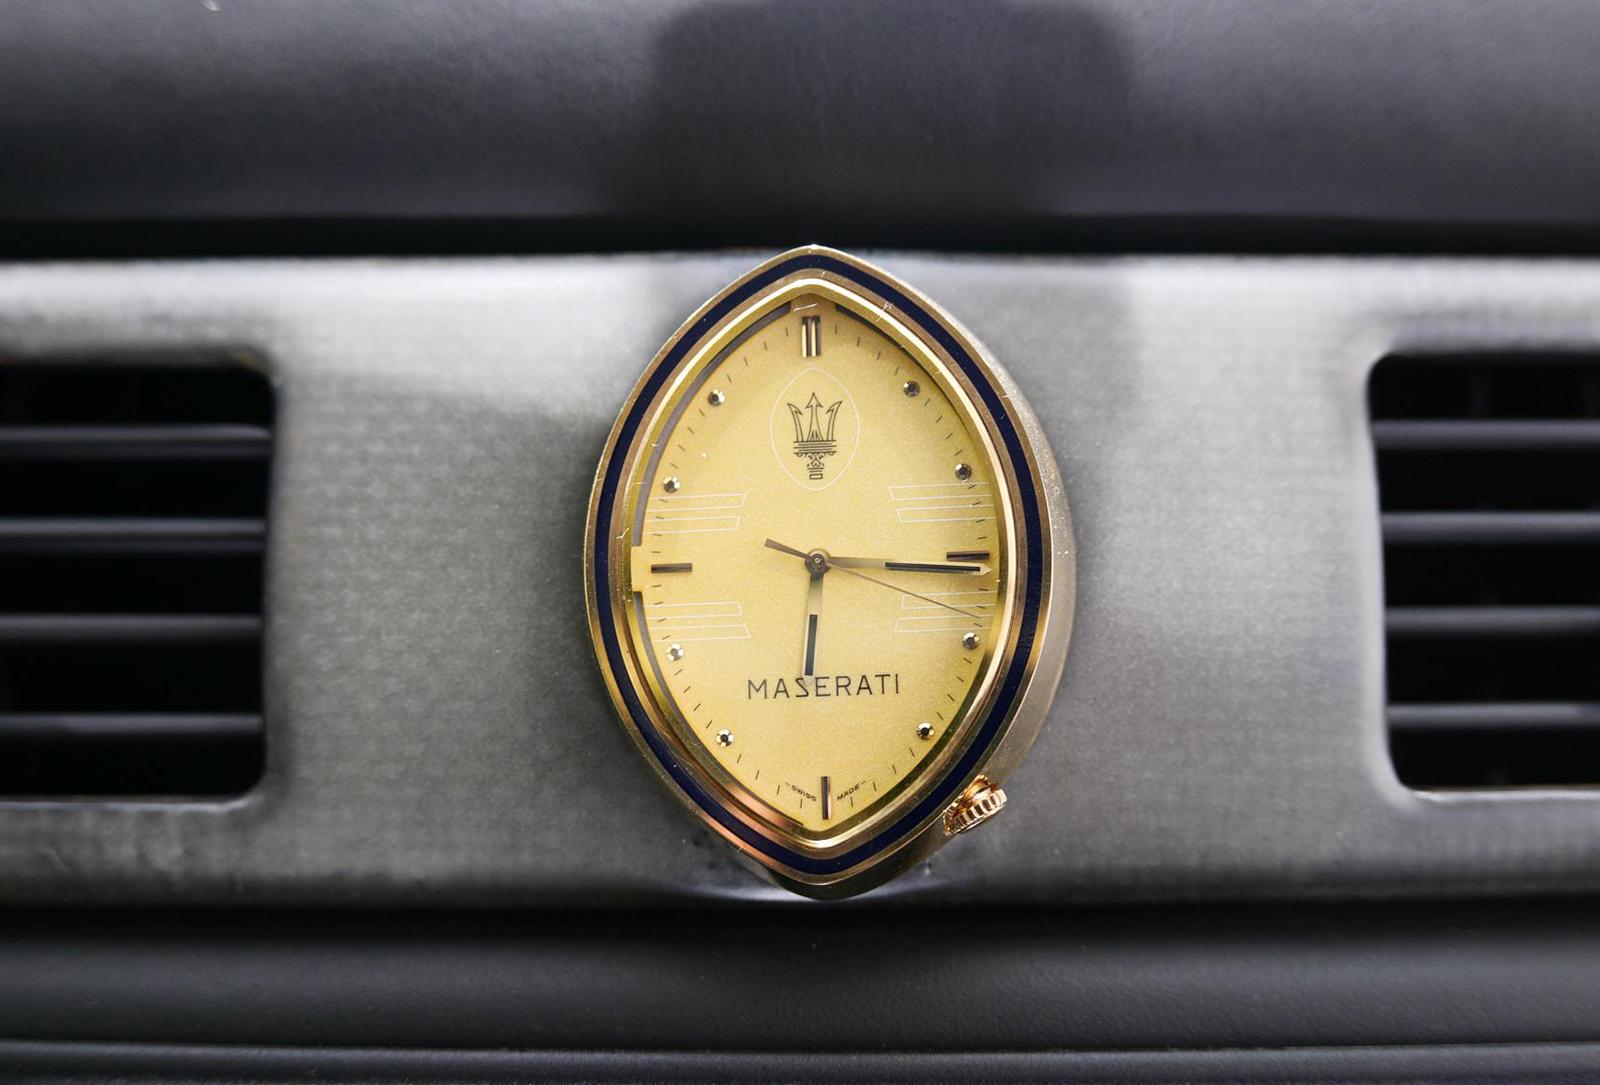 マセラティ ギブリカップ 時計